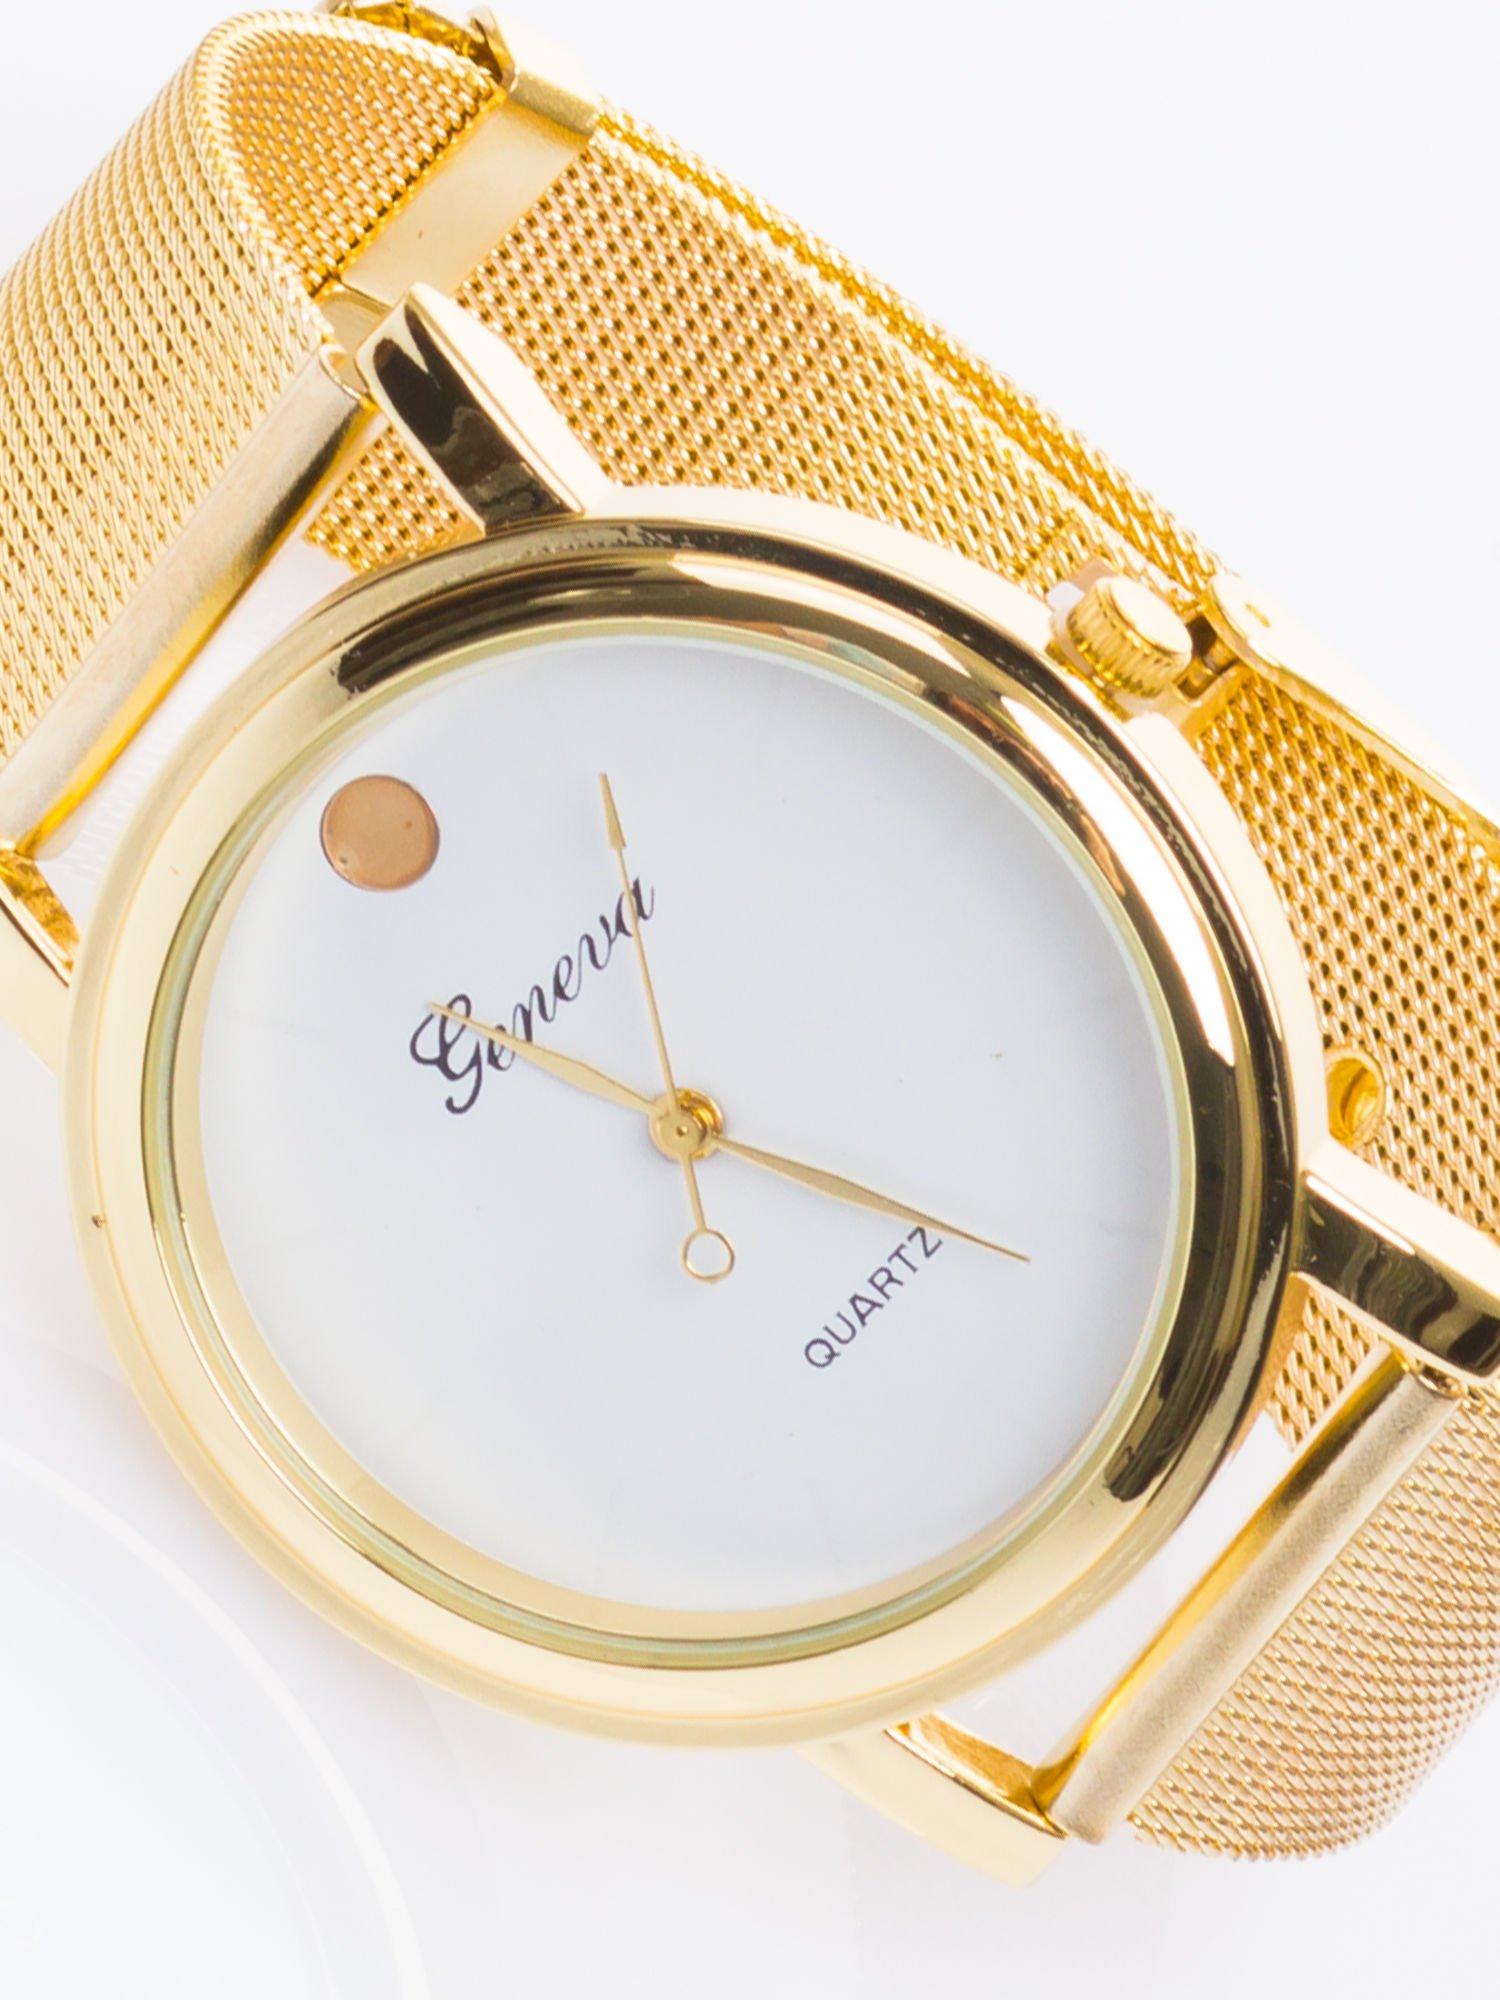 GENEVA Damski zegarek                                   zdj.                                  1